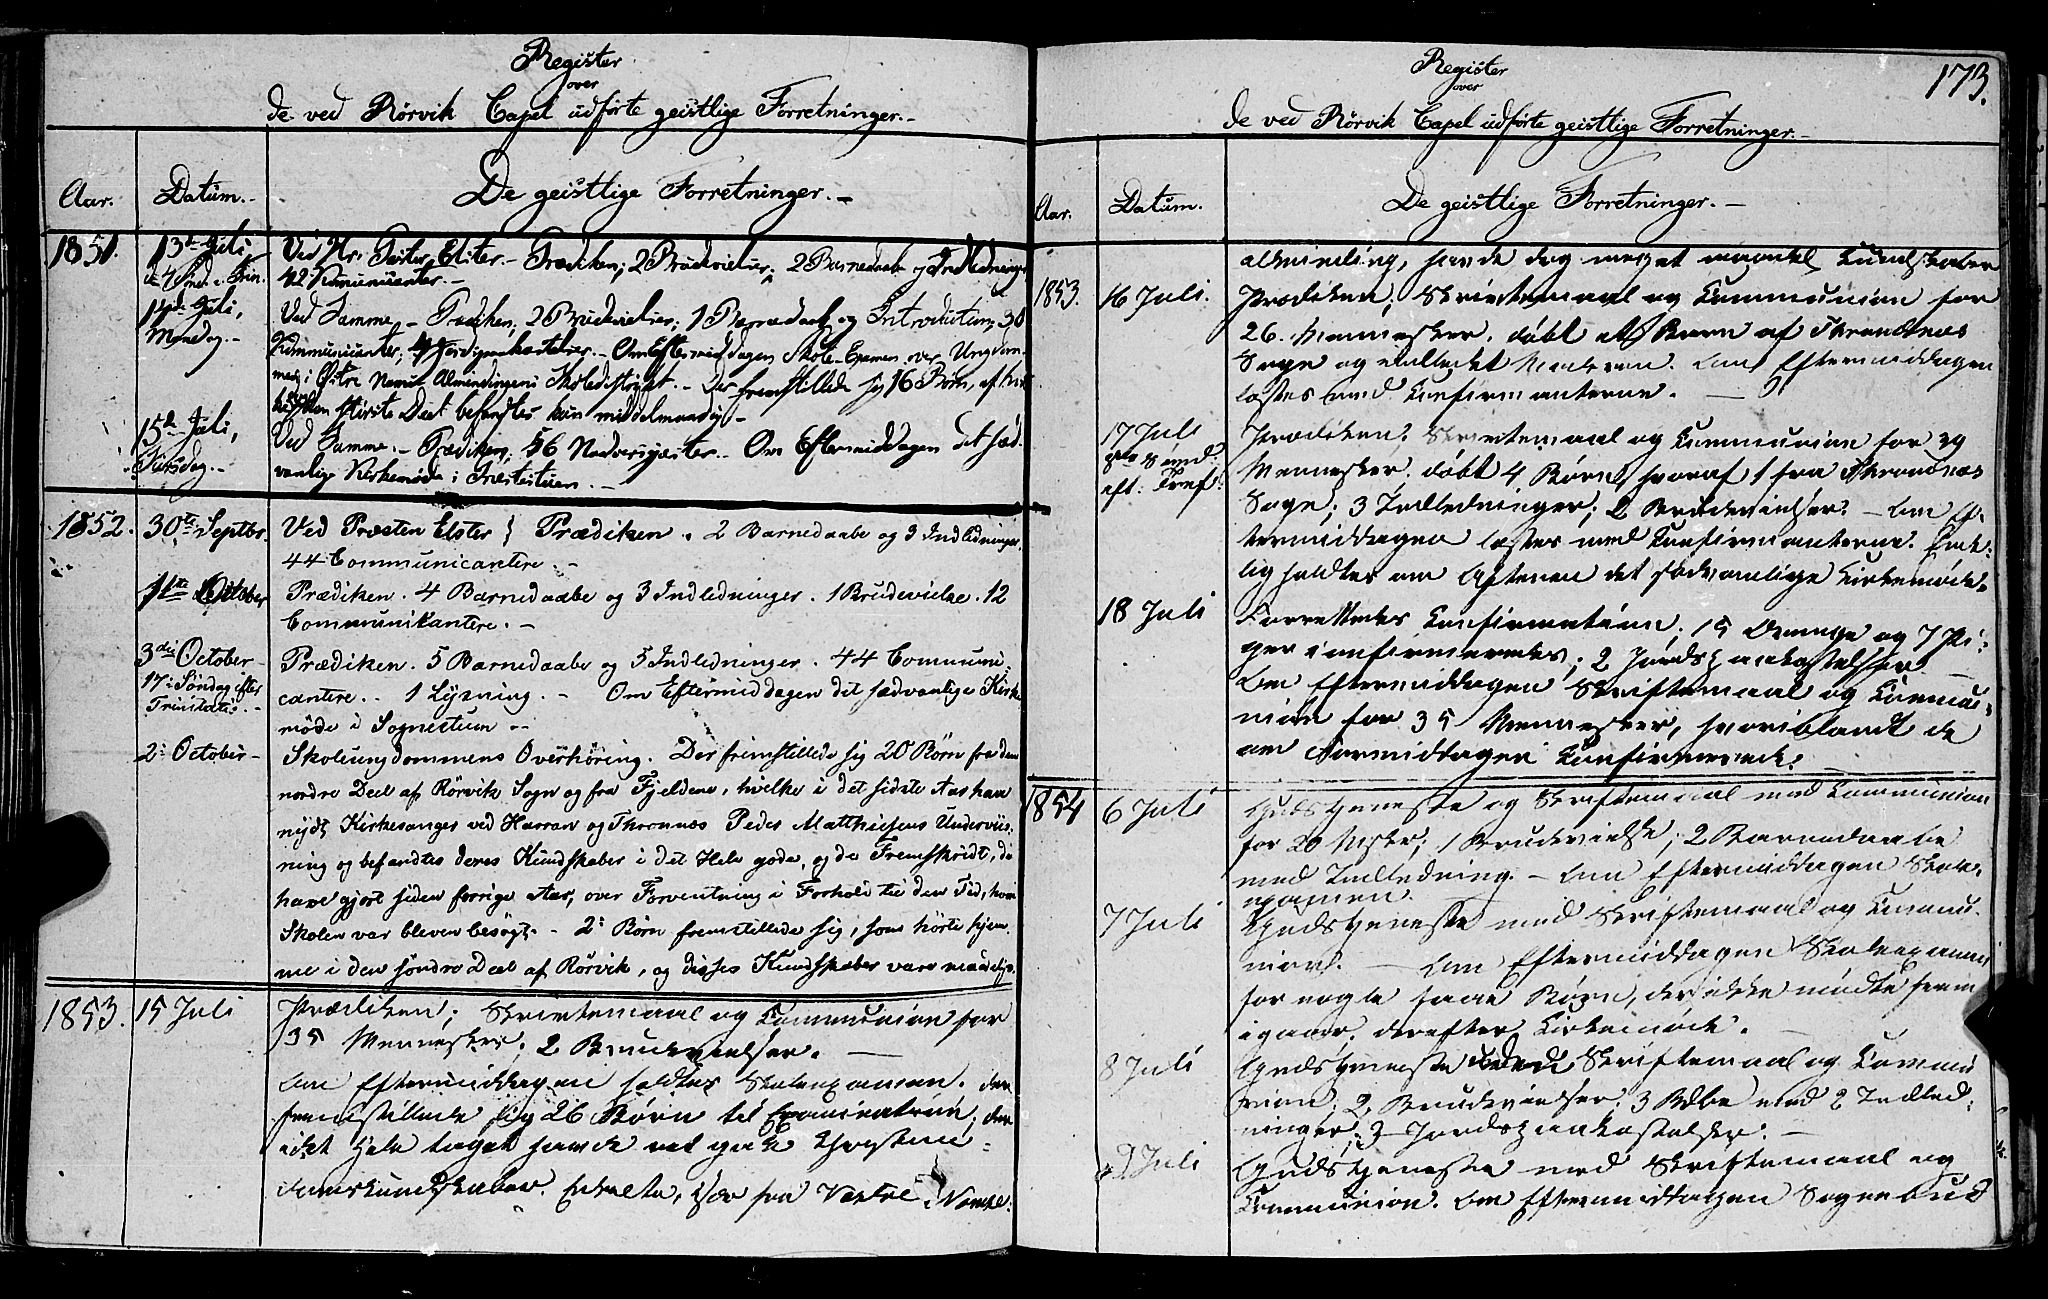 SAT, Ministerialprotokoller, klokkerbøker og fødselsregistre - Nord-Trøndelag, 762/L0538: Ministerialbok nr. 762A02 /1, 1833-1879, s. 173